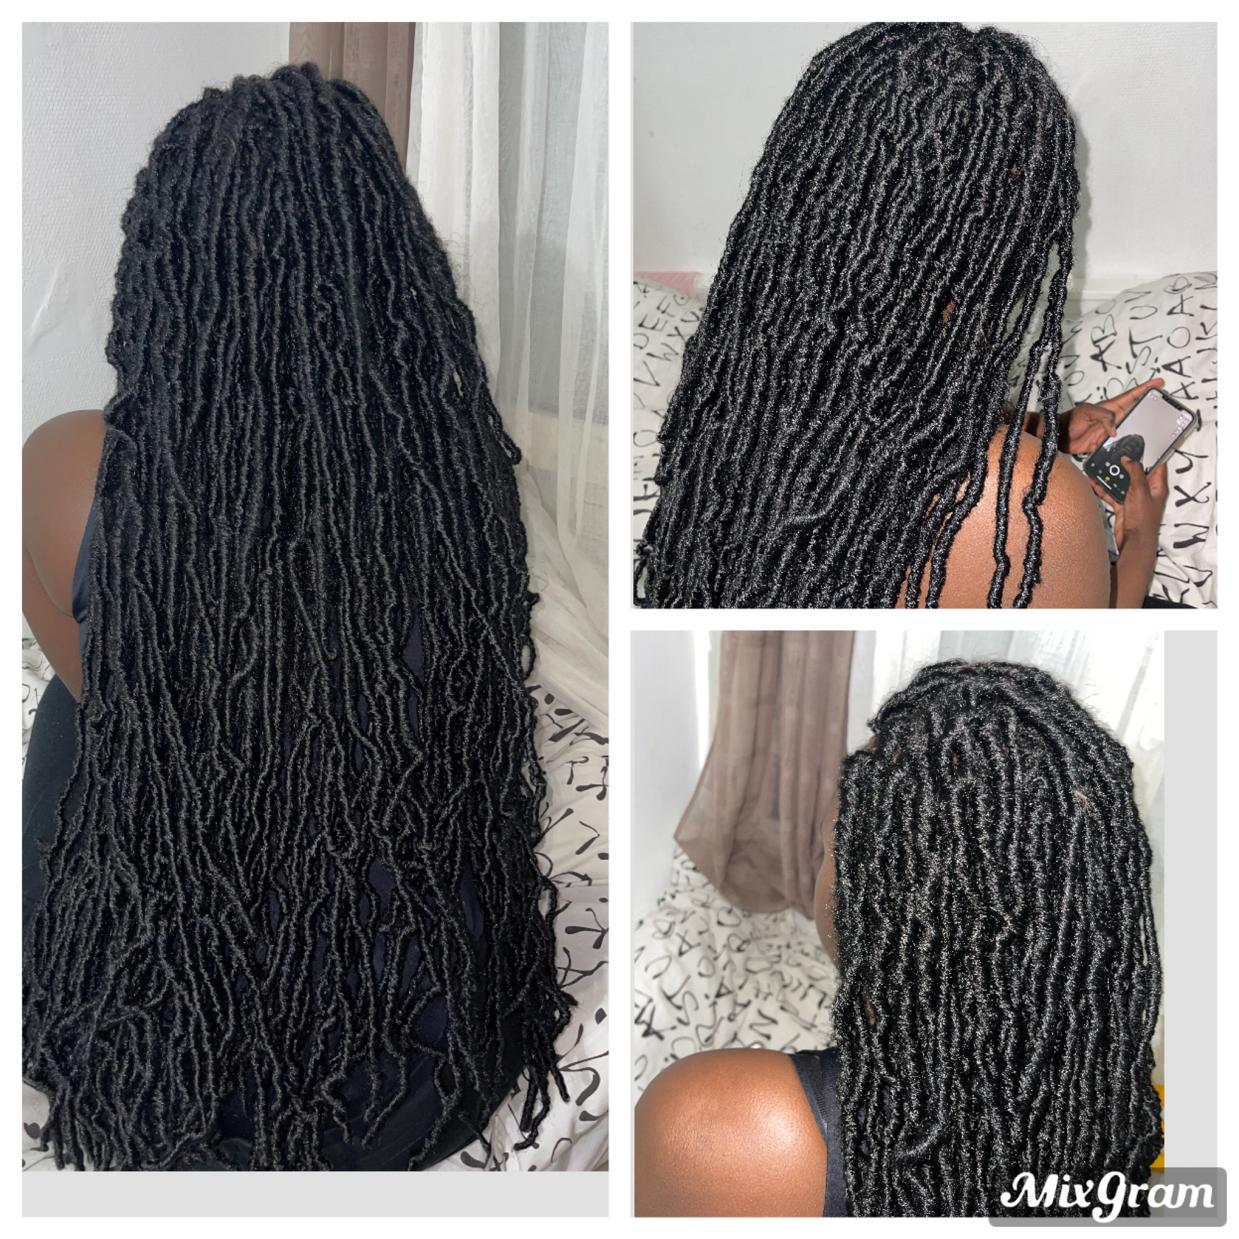 salon de coiffure afro tresse tresses box braids crochet braids vanilles tissages paris 75 77 78 91 92 93 94 95 SNJMOLYR